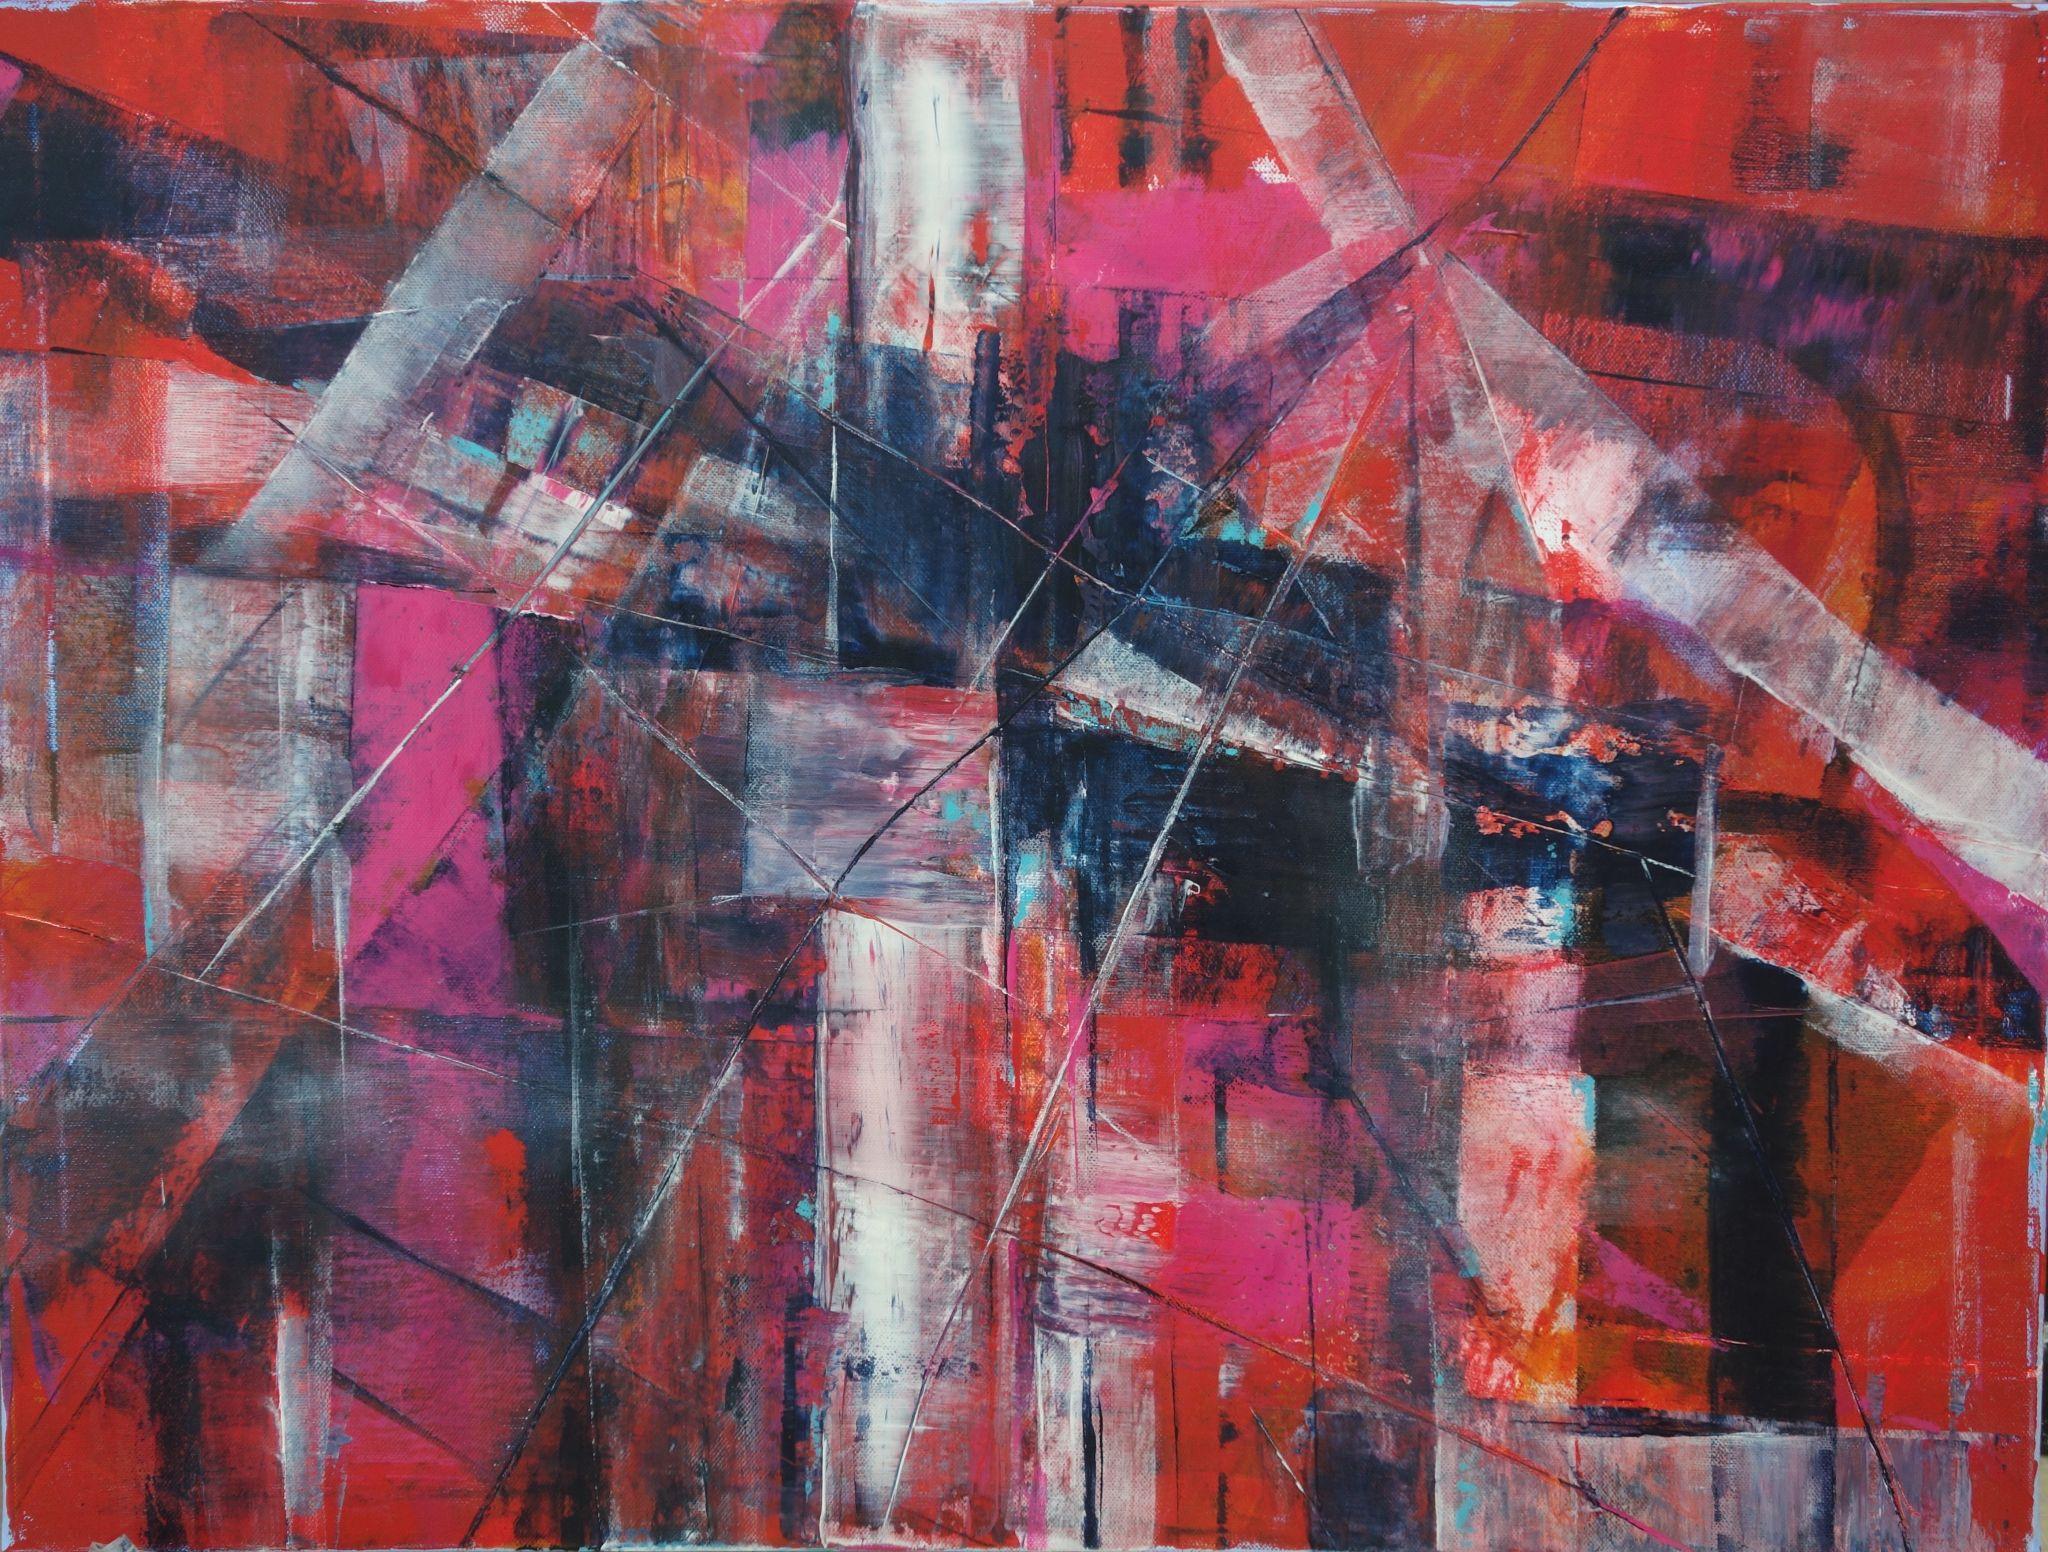 jeřáb, 60/80 cm, 2016, akryl na plátně